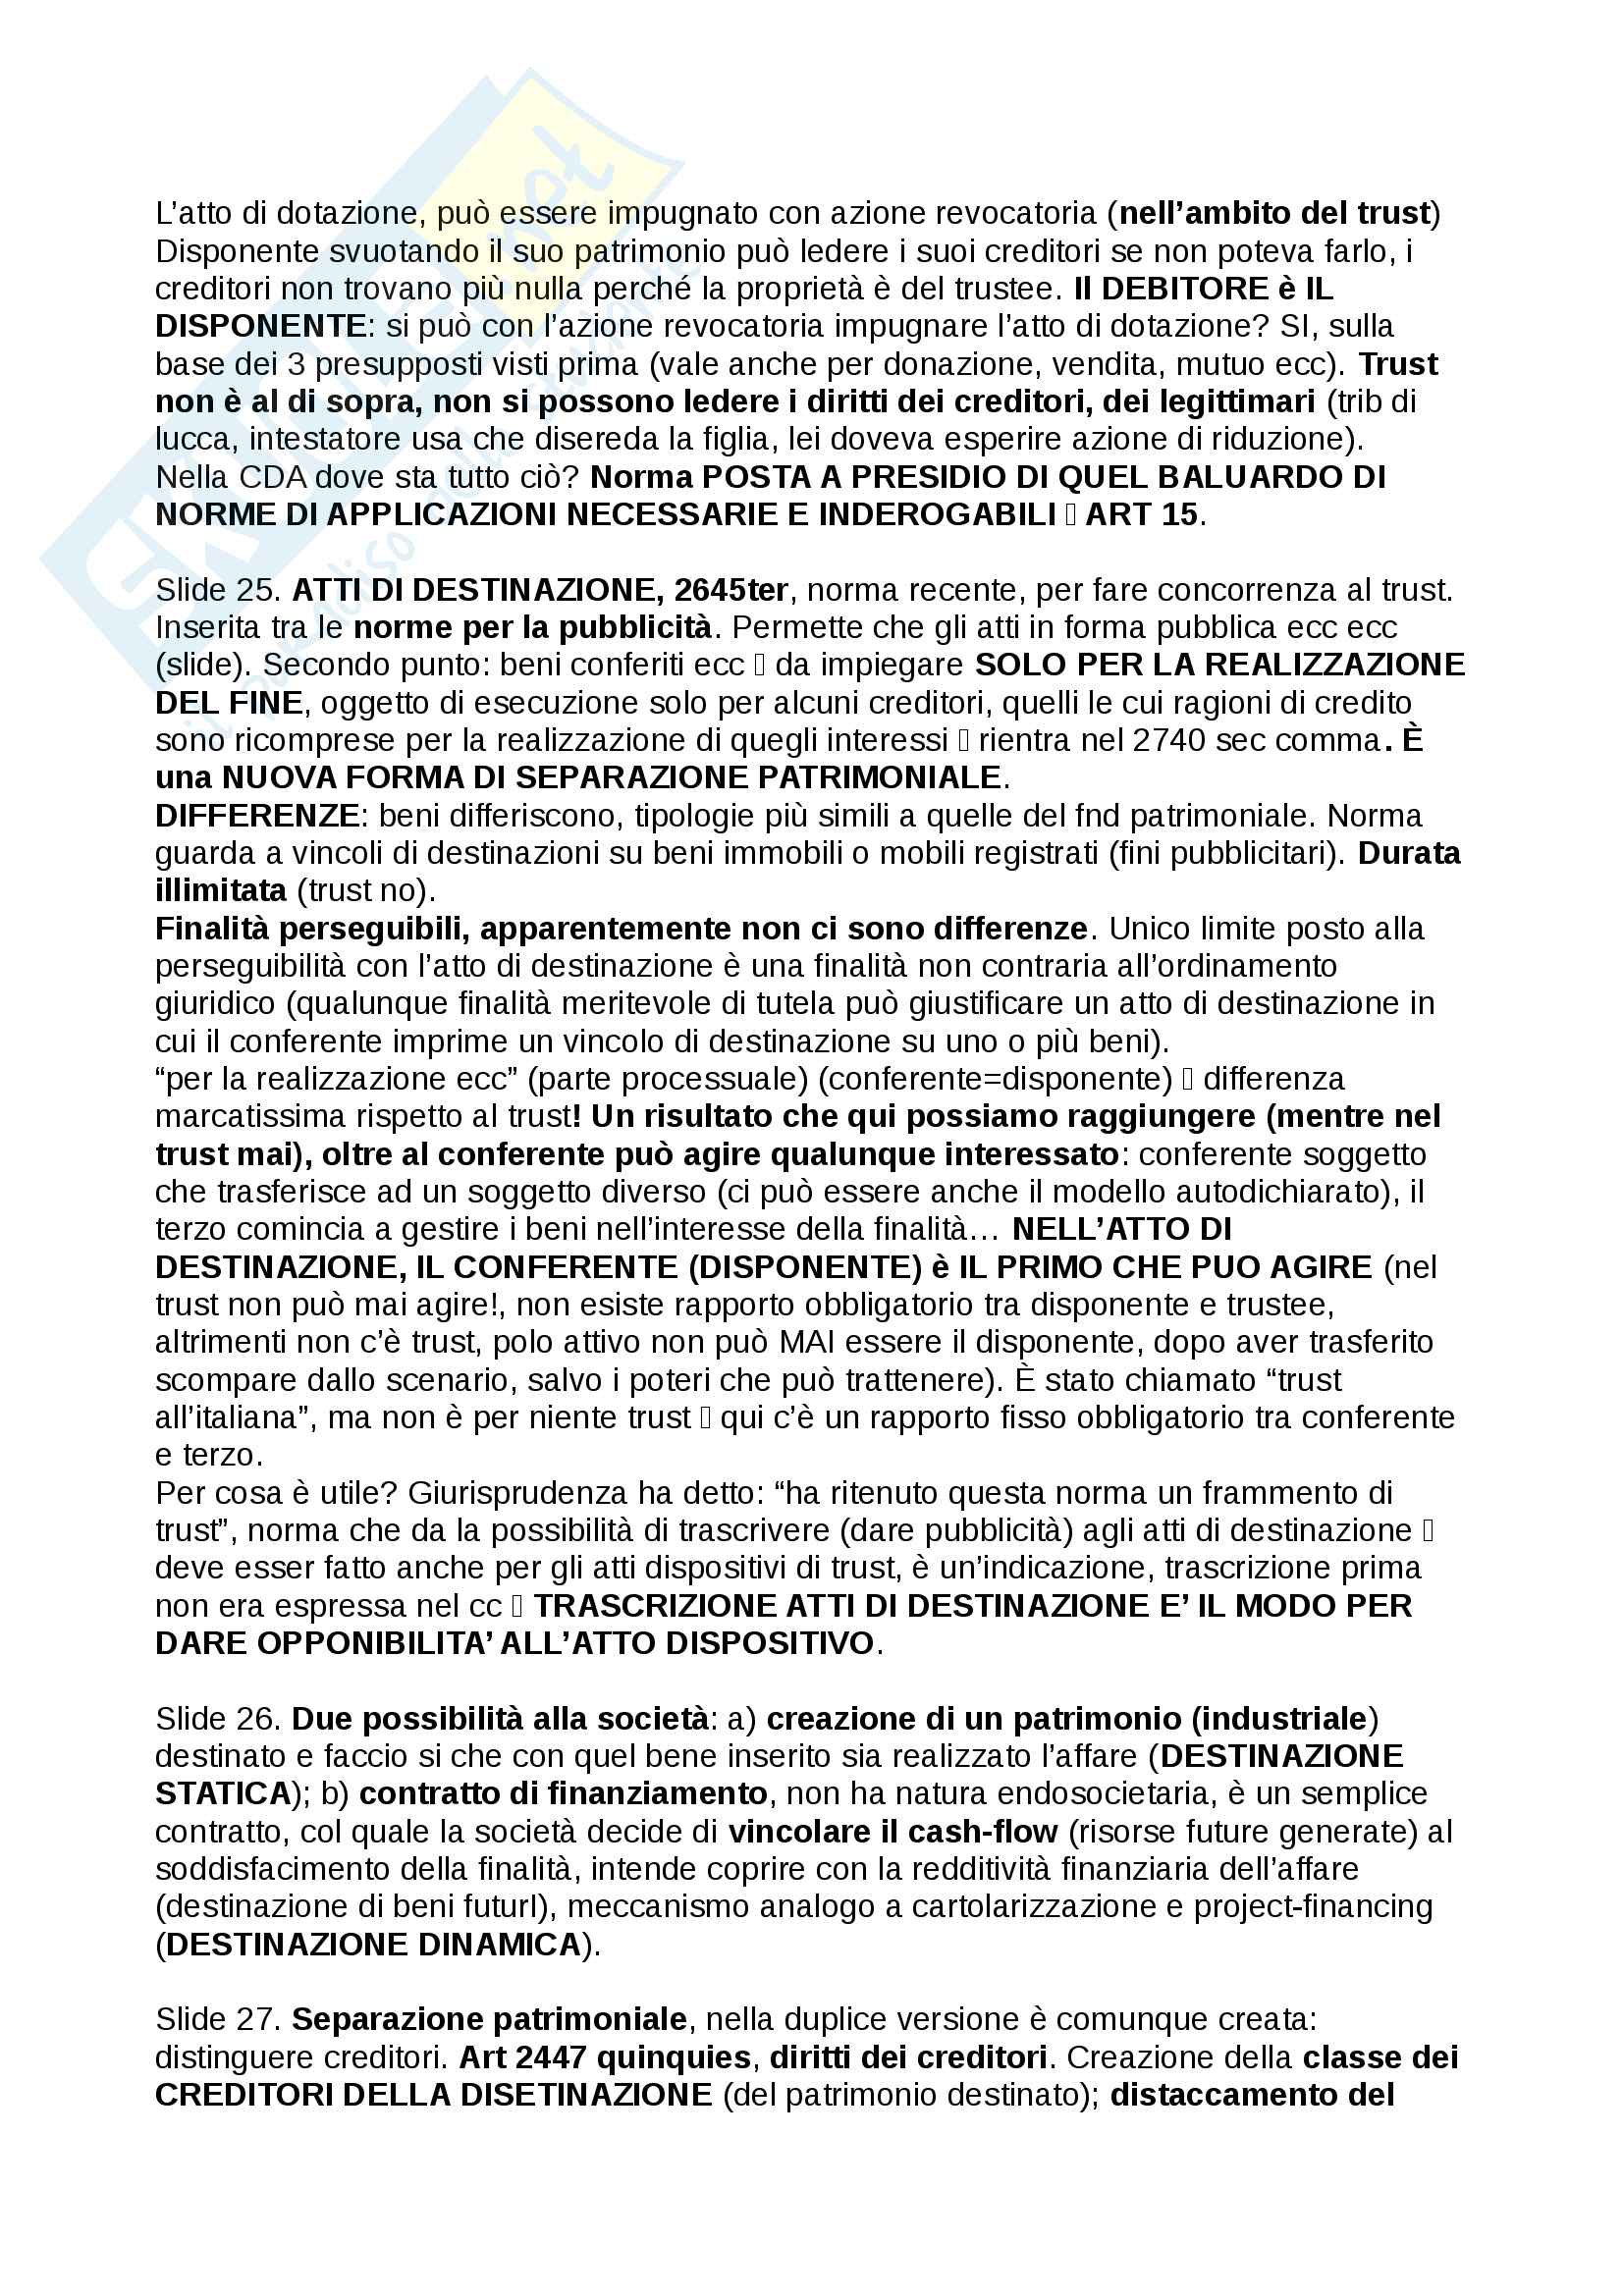 Trust, definizioni e casistiche - Diritto Commerciale Pag. 31